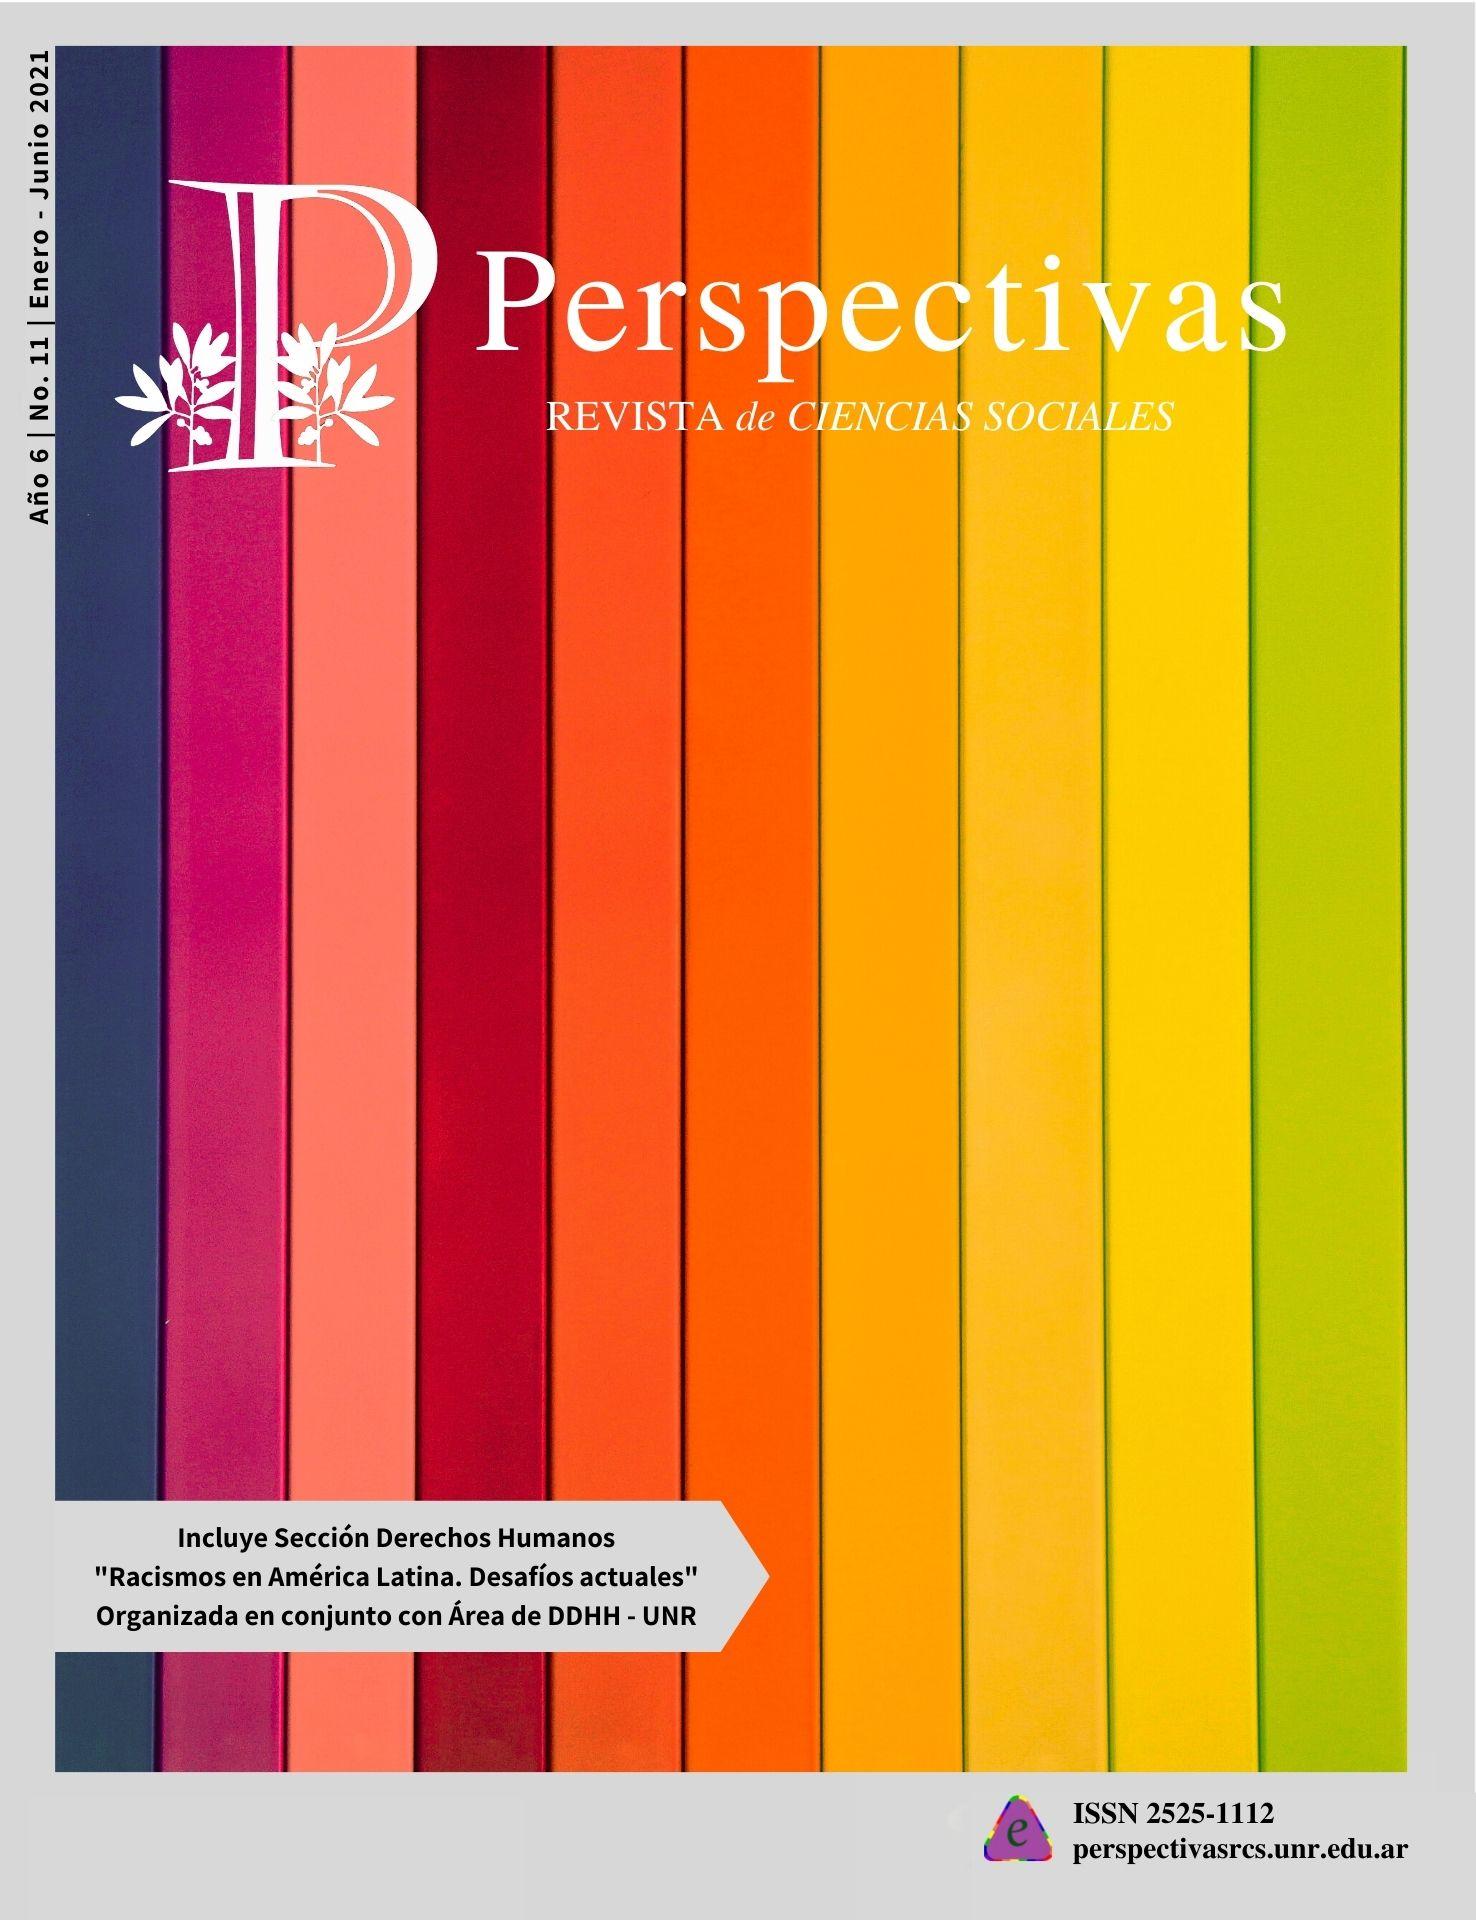 Ver Núm. 11 (6): Perspectivas Revista de Ciencias Sociales No. 11 Enero-Junio 2021